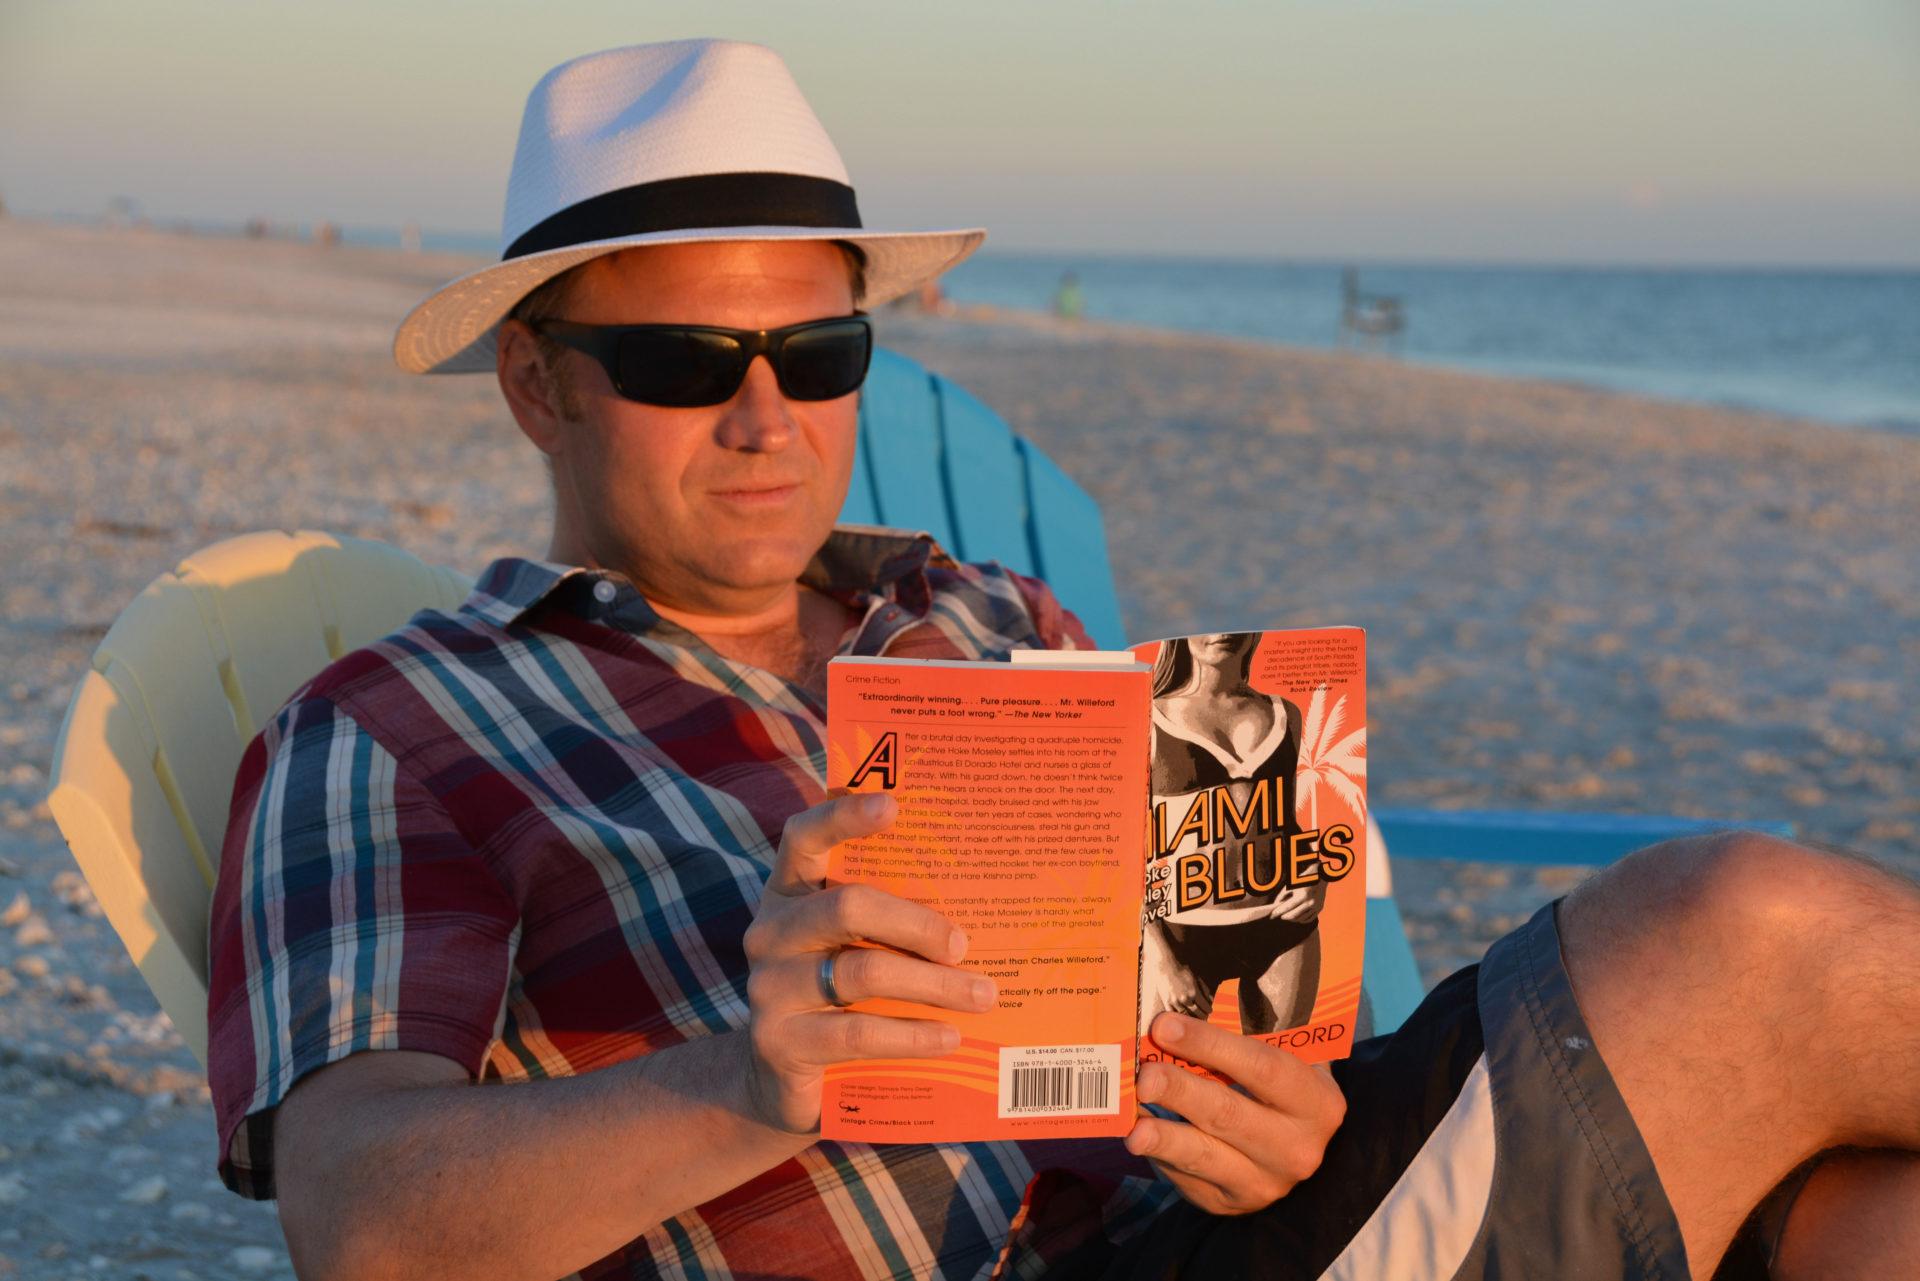 Autor liest auf Sanibel Island in einem Roman von Charles Willeford.